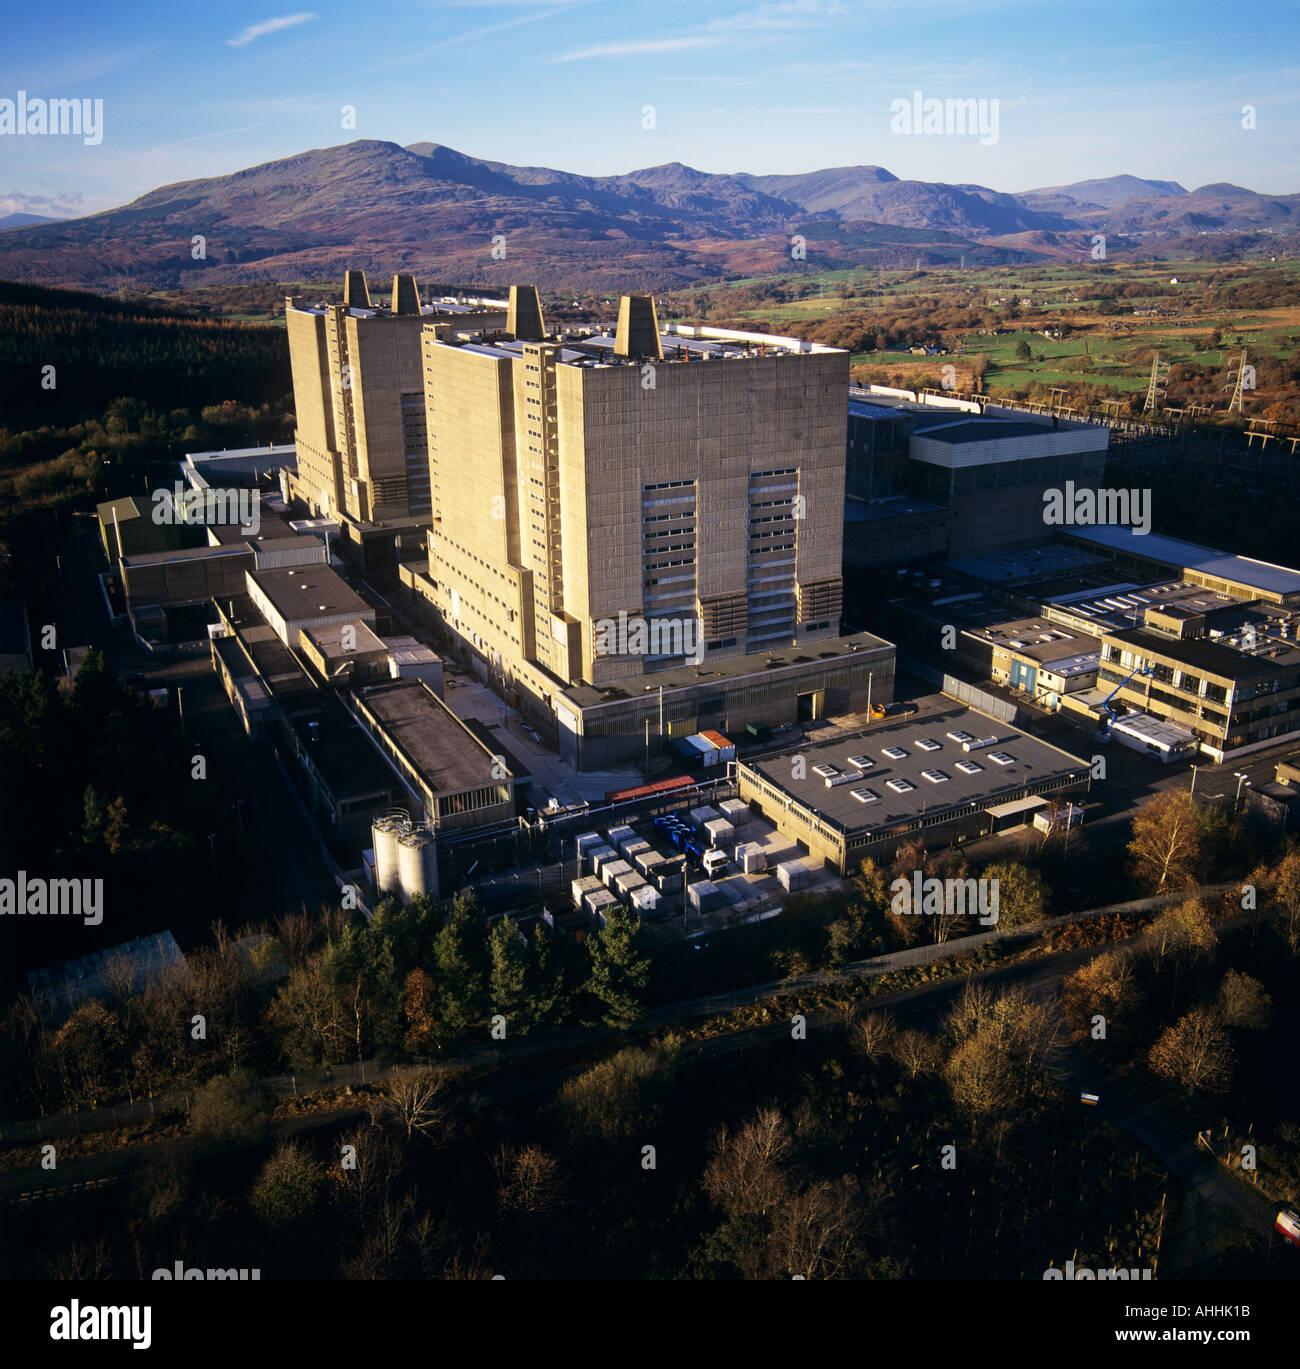 Trawsfynydd Nuclear Power Station Gwynedd Wales UK aerial view Stock Photo